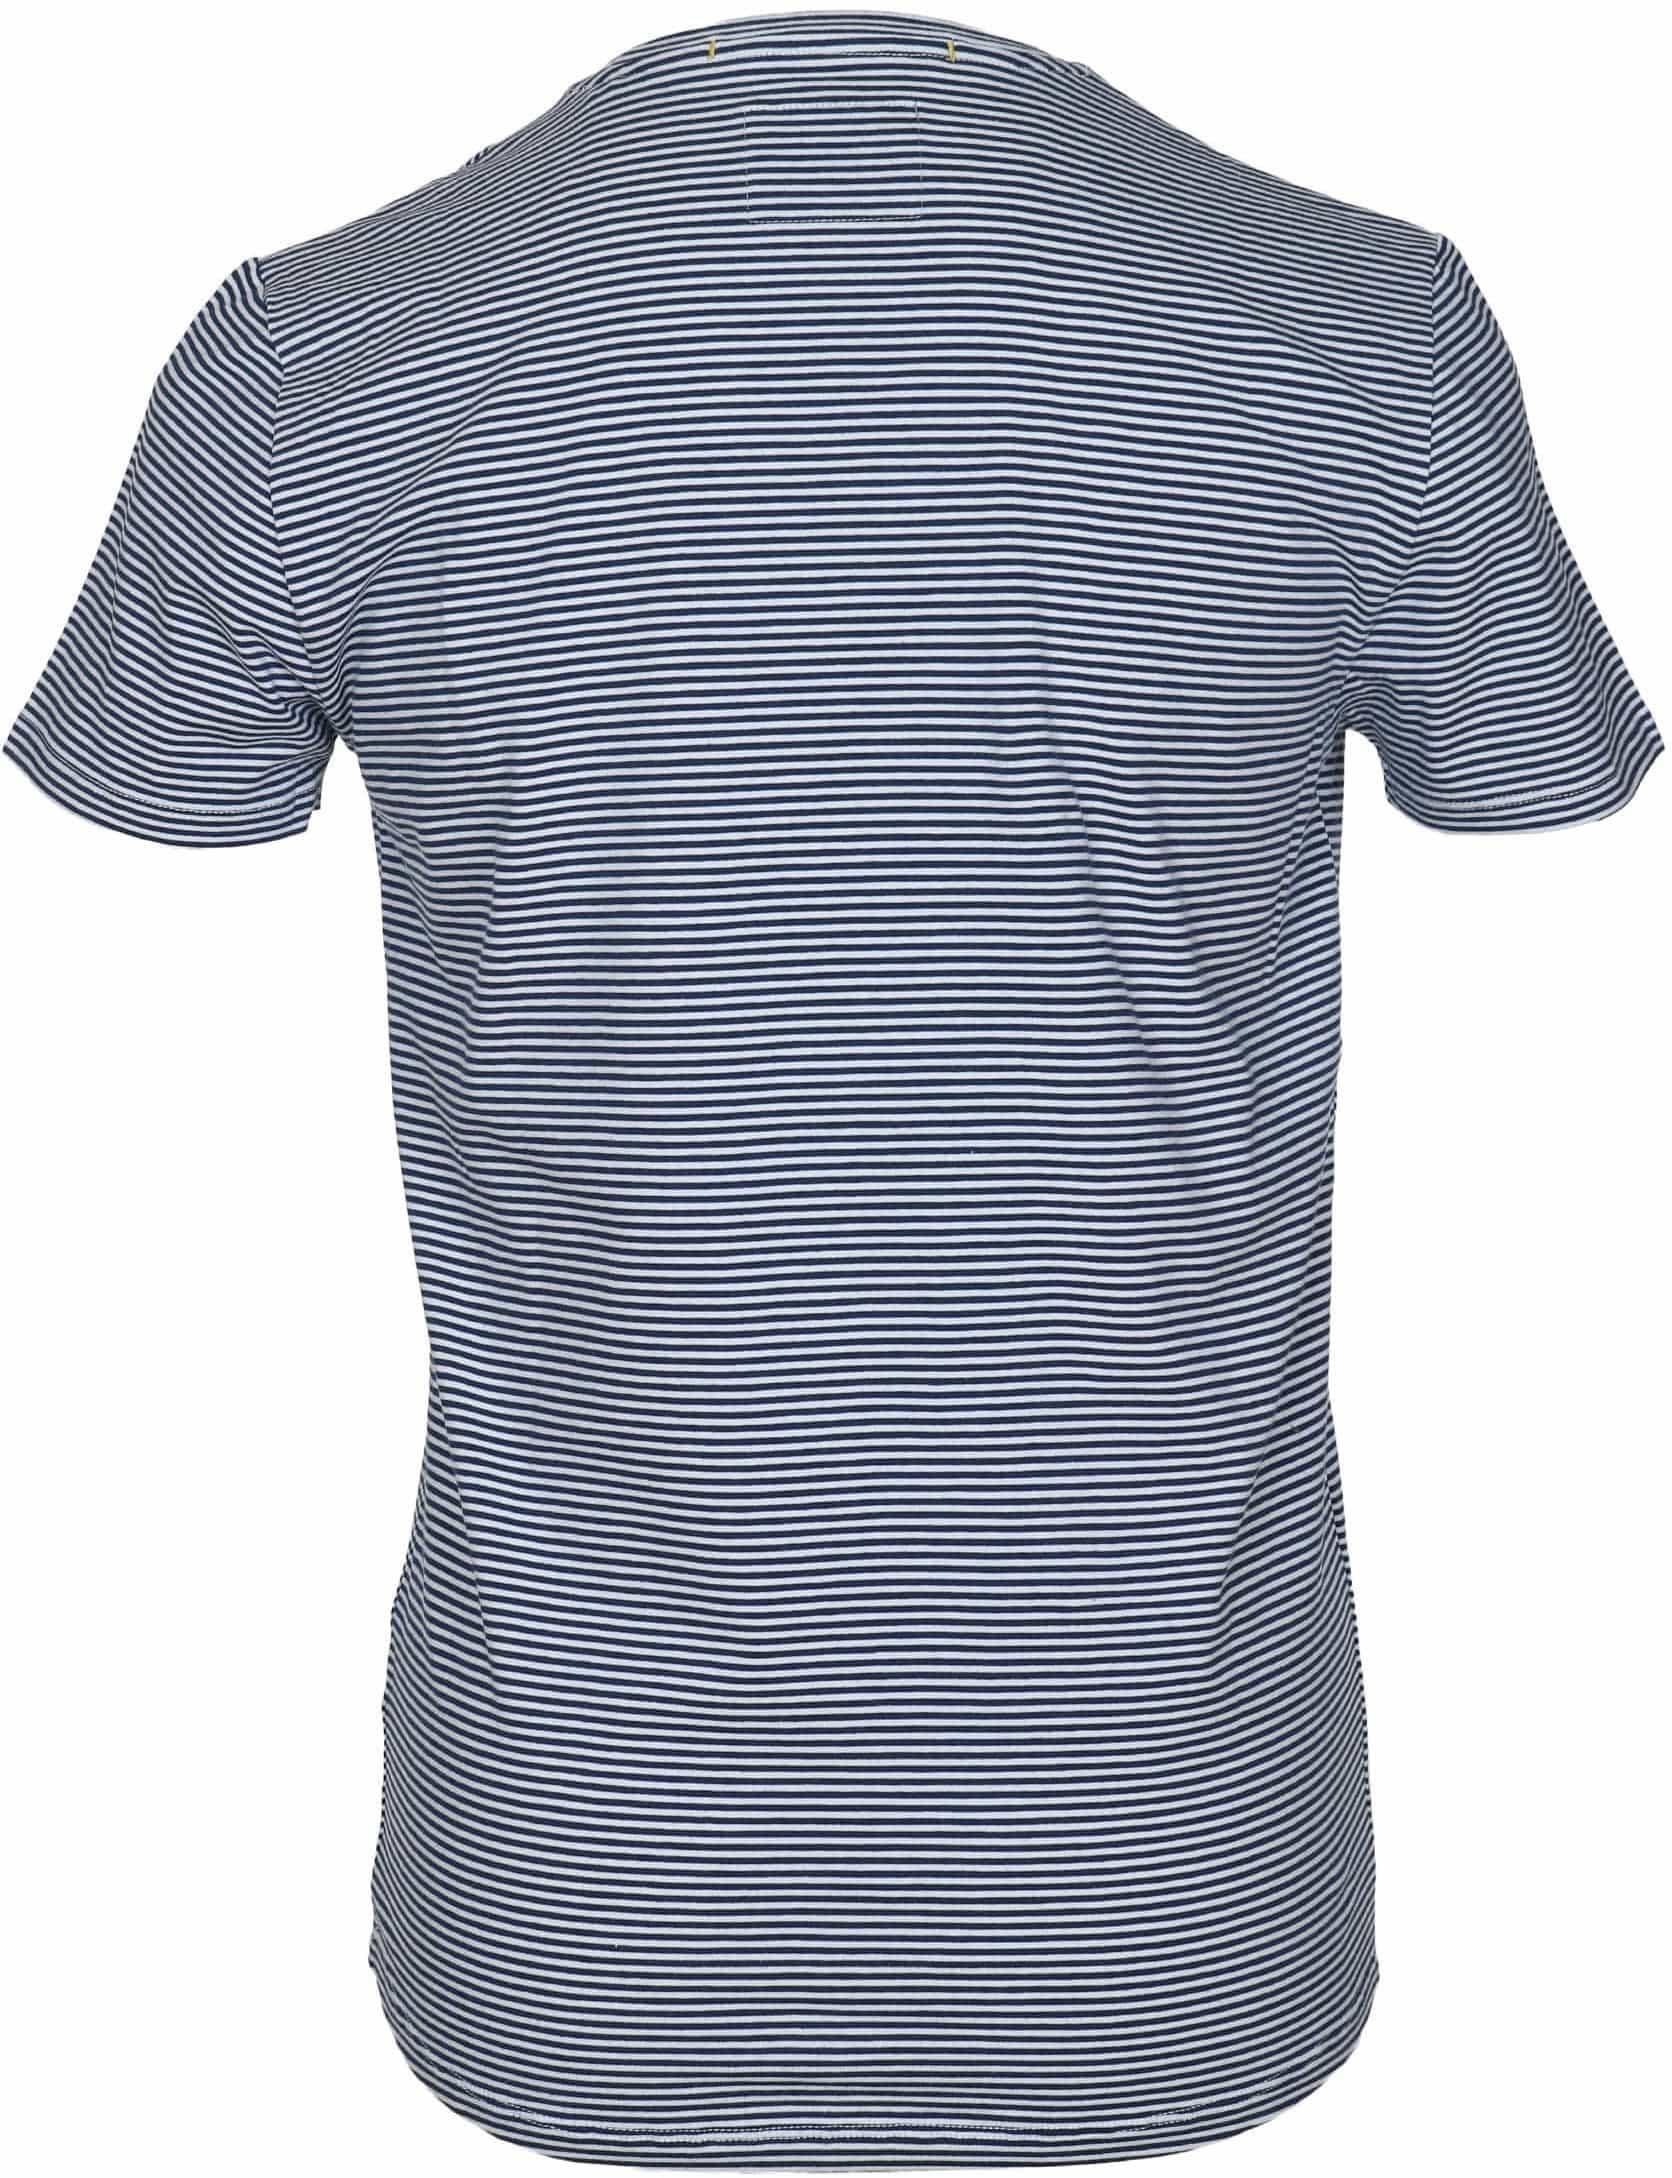 No-Excess T-shirt Dunkelblau Streifen foto 2